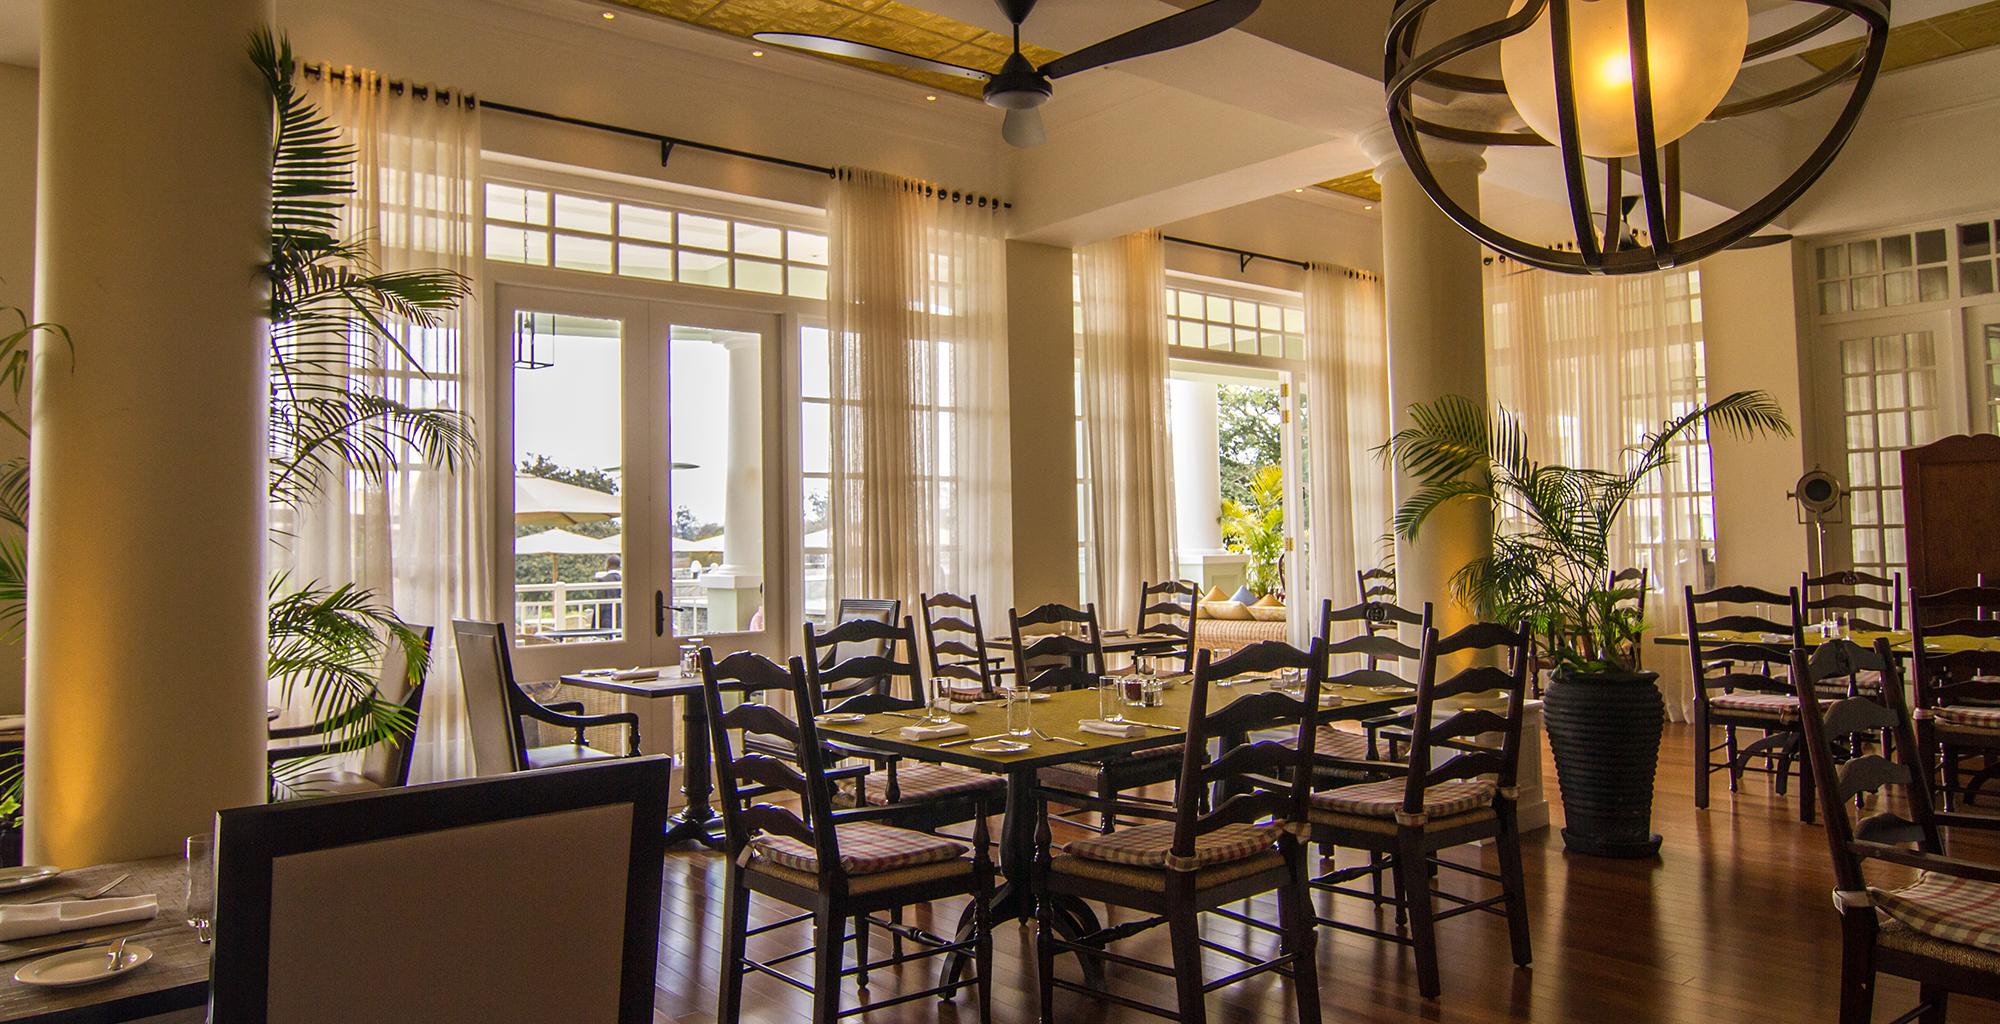 Kenya-Hemingways-Nairobi-Dining